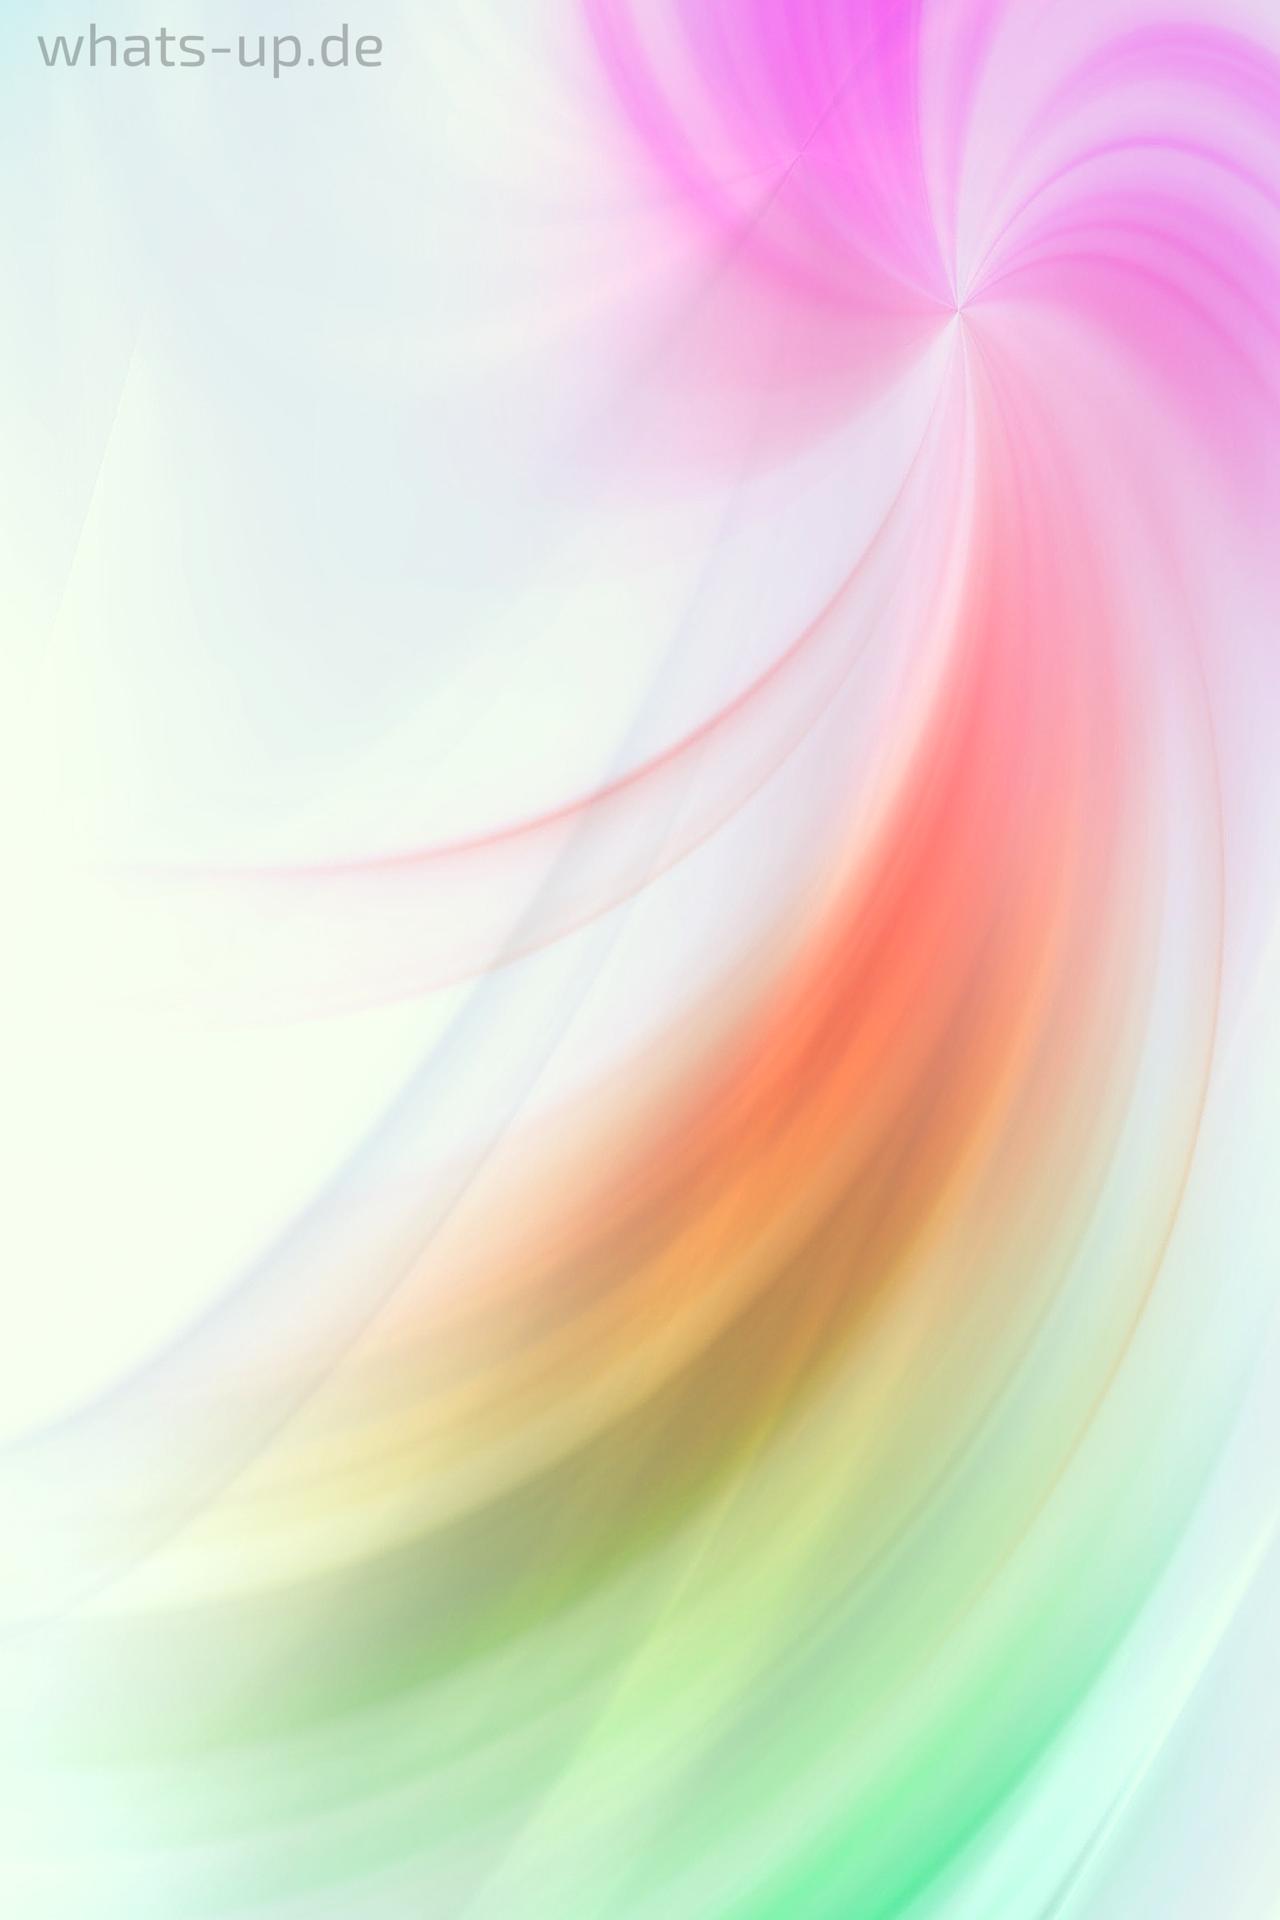 Federn Und Spirale Als Hintergrundbild Für Whatsapp ändern